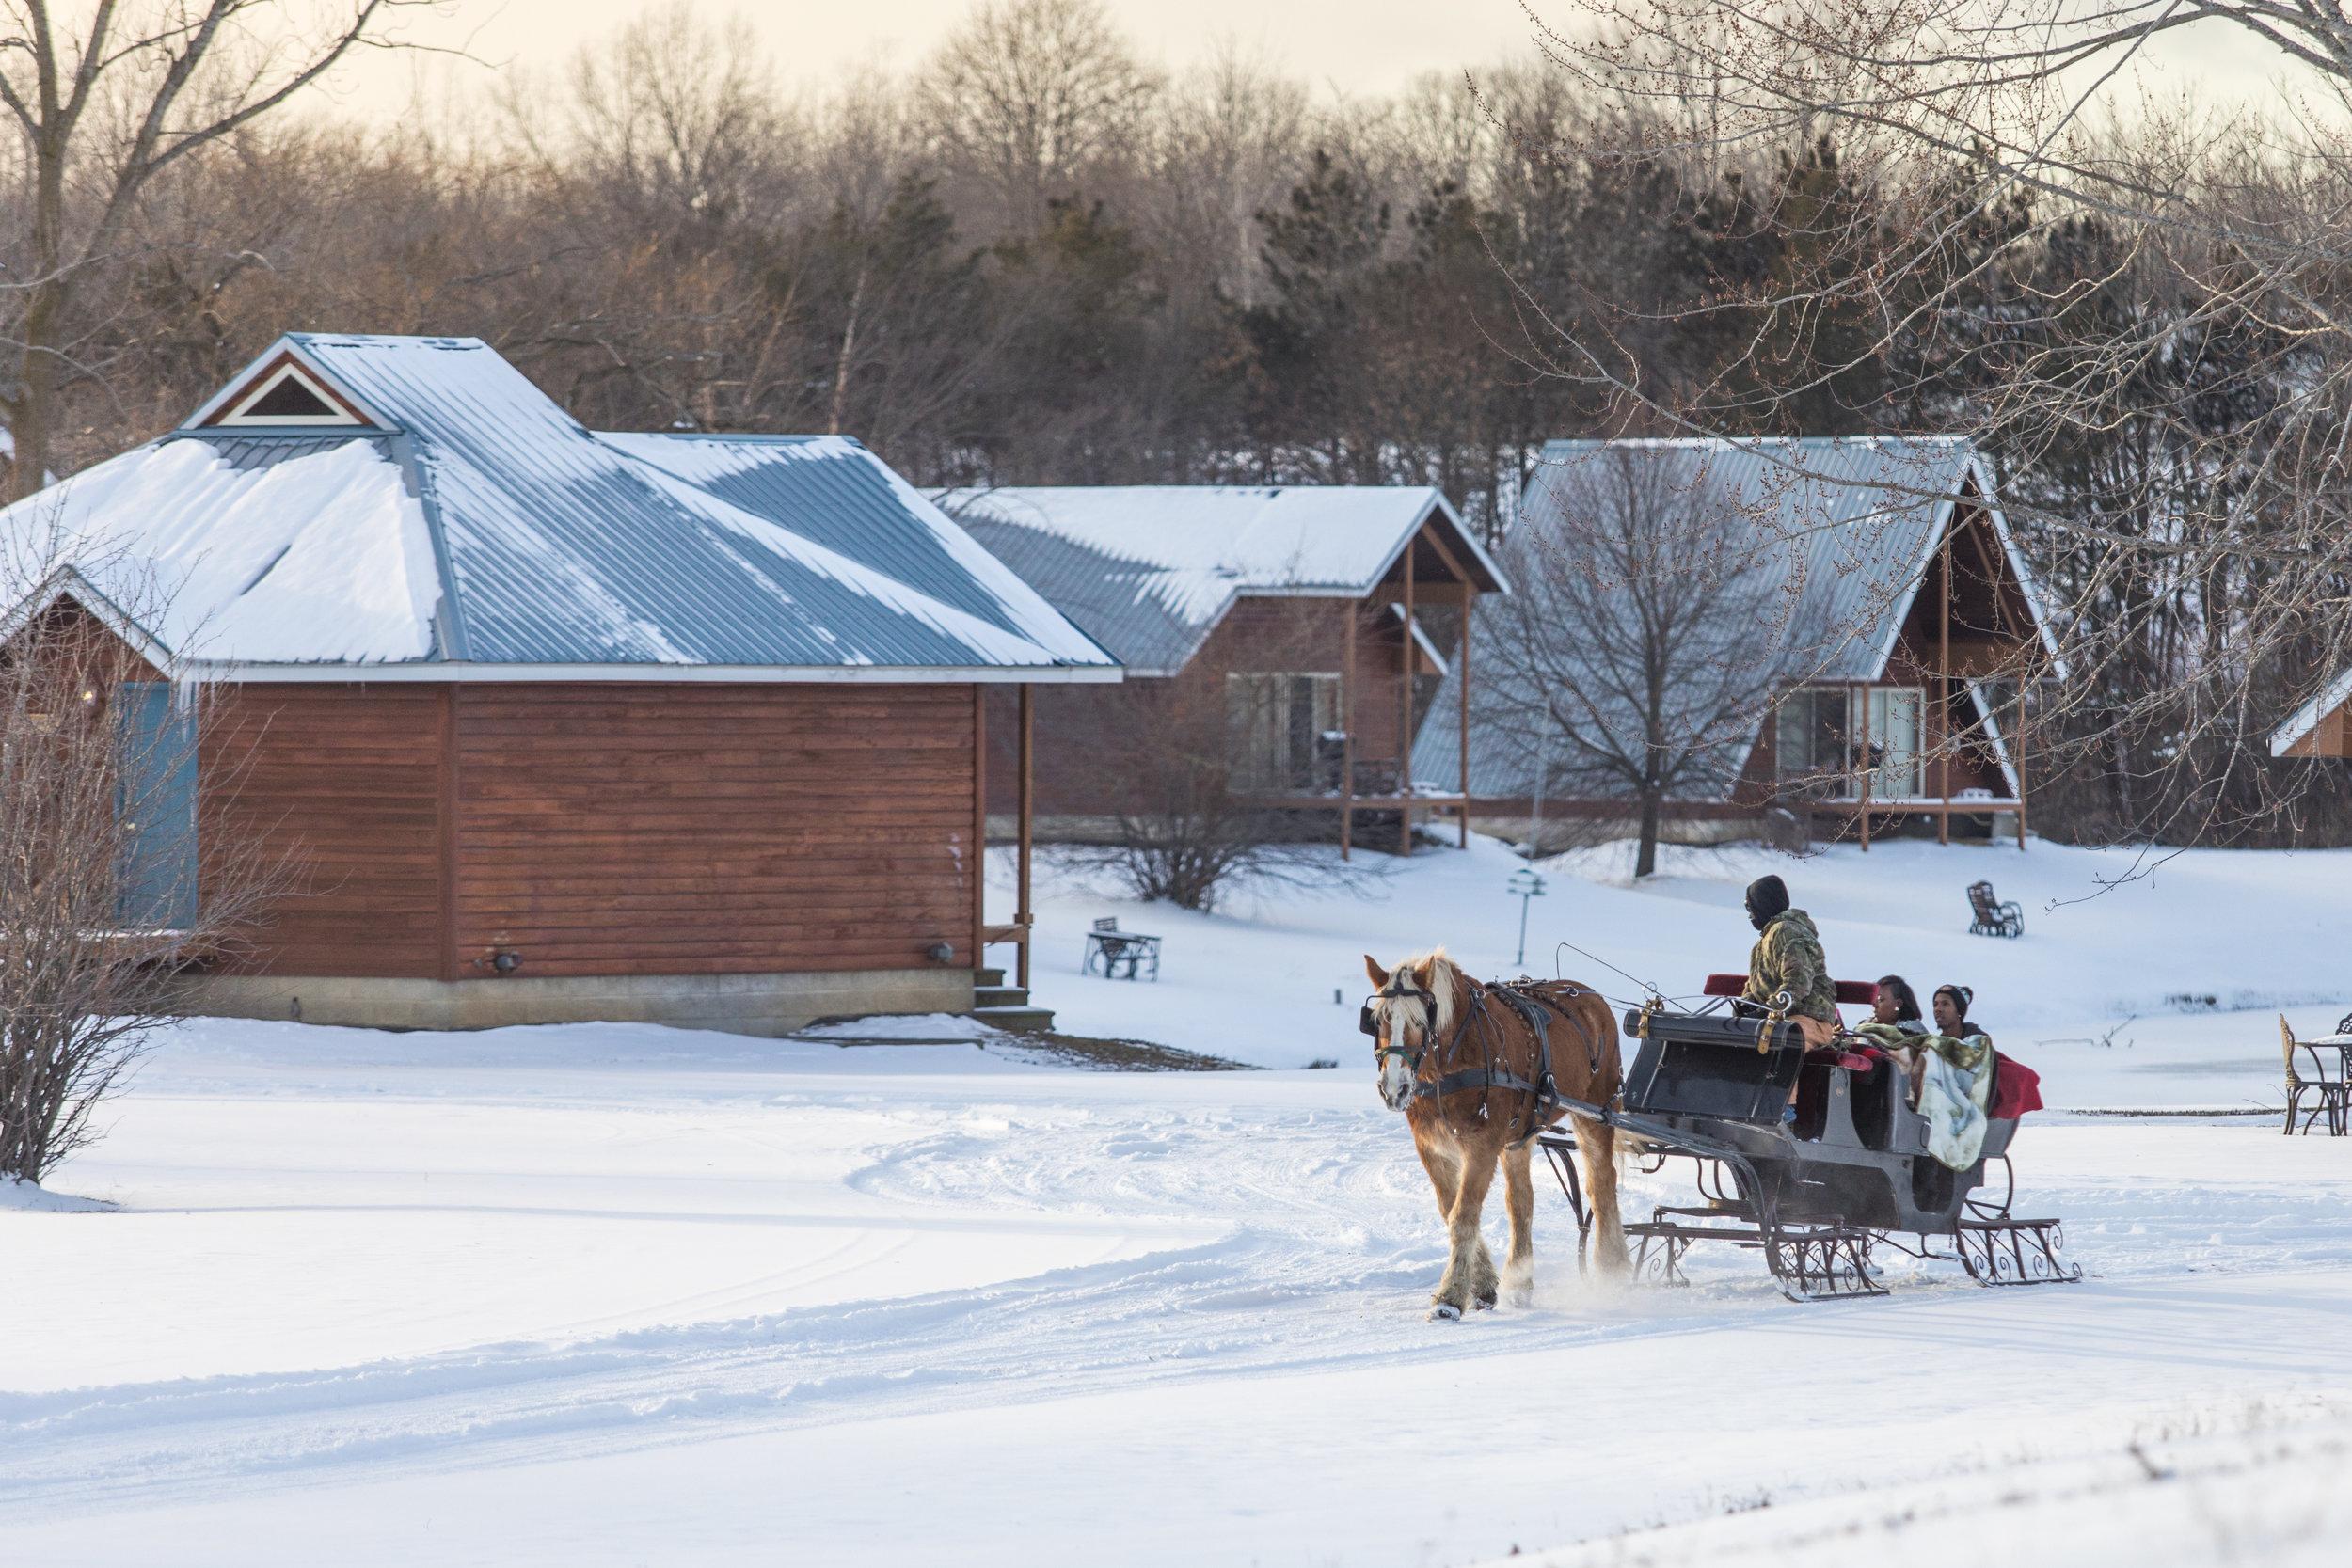 outdoor winter sleigh ride